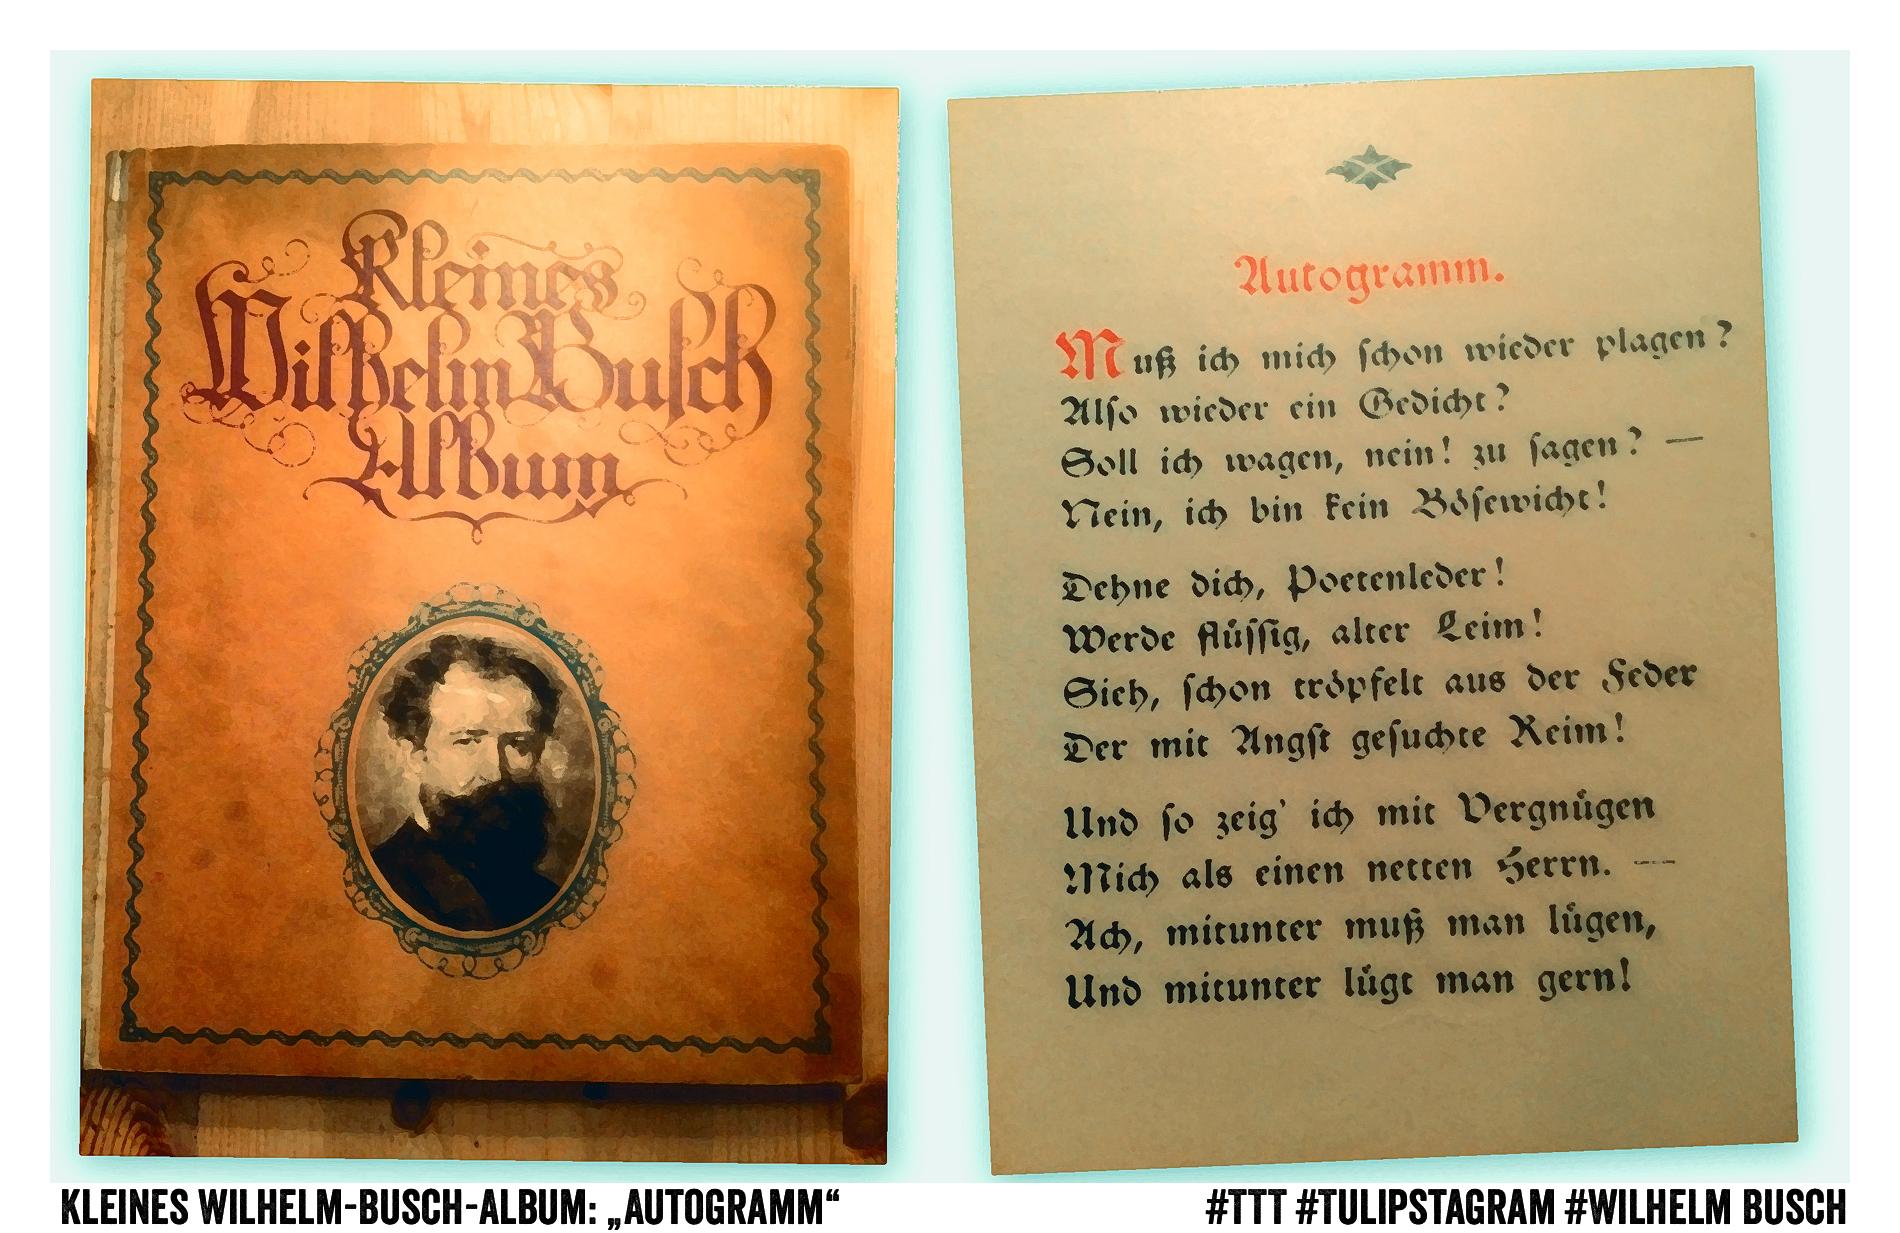 """21.01.15 - Kleines Wilhelm-Busch-Album """"Autogramm"""" #TTT #Tulipstagram #WilhelmBusch"""